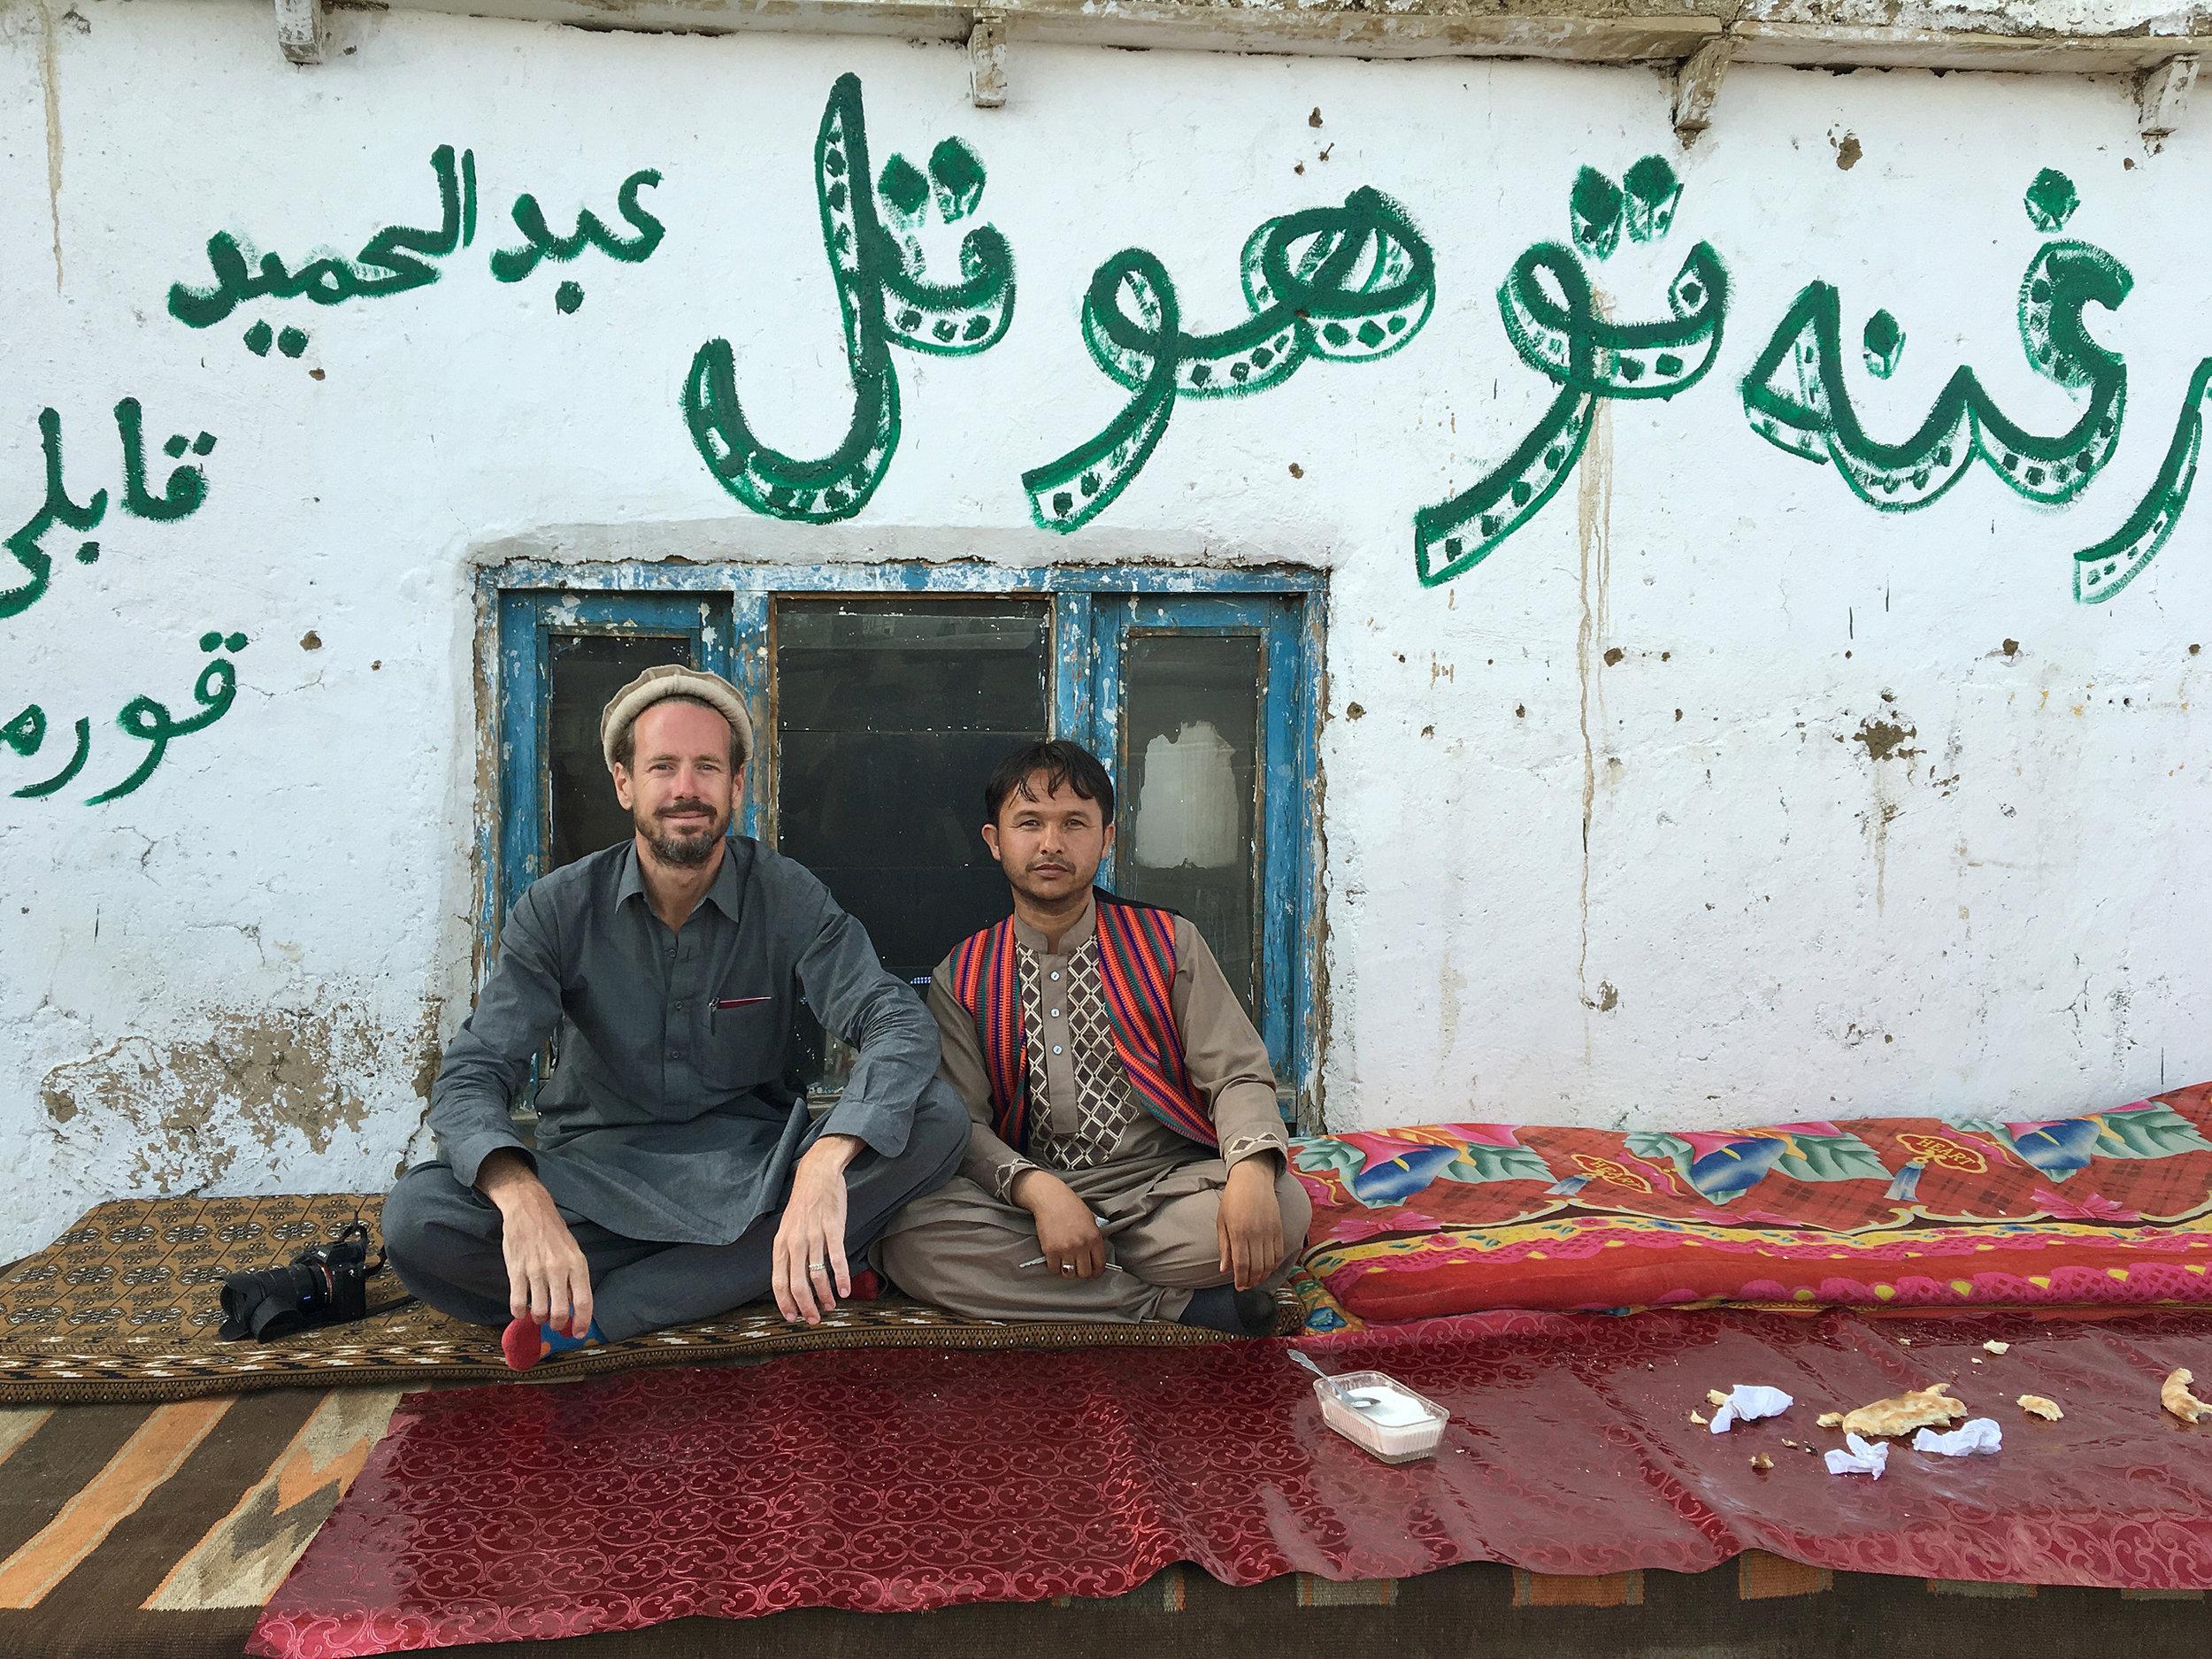 Jirga_BTS_007.jpg